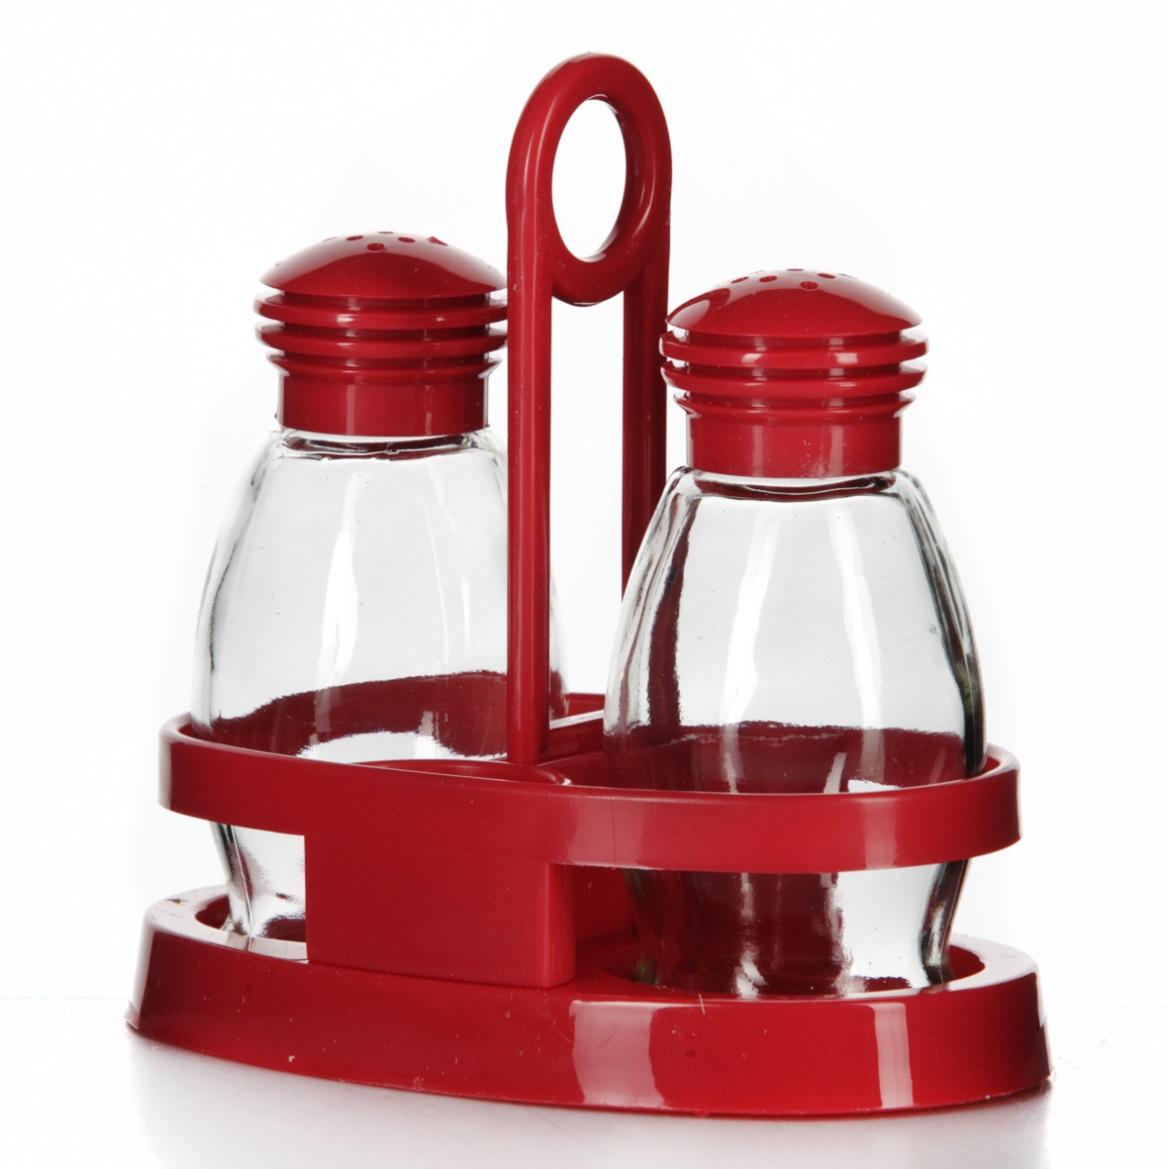 Набор для специй Herevin Mirage, цвет: красный, 3 предмета122020-000Набор для специй Herevin Mirage состоит из солонки, перечницы и подставки. Емкости выполнены из стекла, подставка и крышки изготовлены из пластика. Подставка оснащена двумя емкостями для зубочисток. Такой набор красиво и оригинально оформит ваш кухонный стол. Объем емкостей: 85 мл. Размер емкостей: 5 см х 5 см х 10,5 см. Размер подставки: 13,5 см х 8 см х 13,5 см.